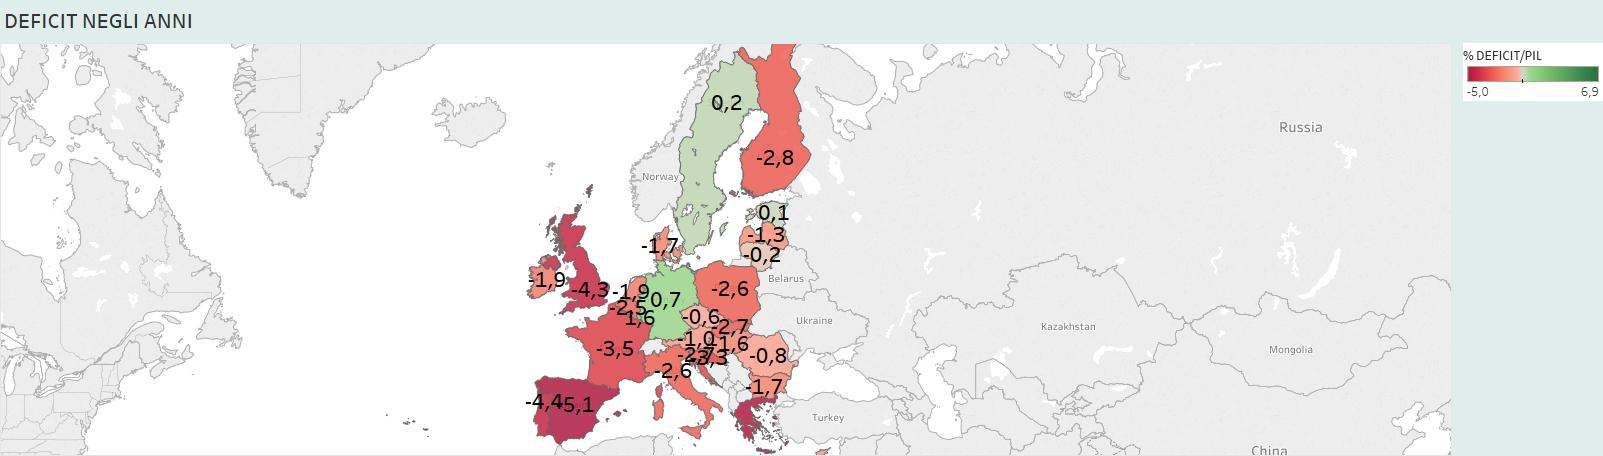 DEFICIT PUBBLICO, mappa colorata dell'Europa